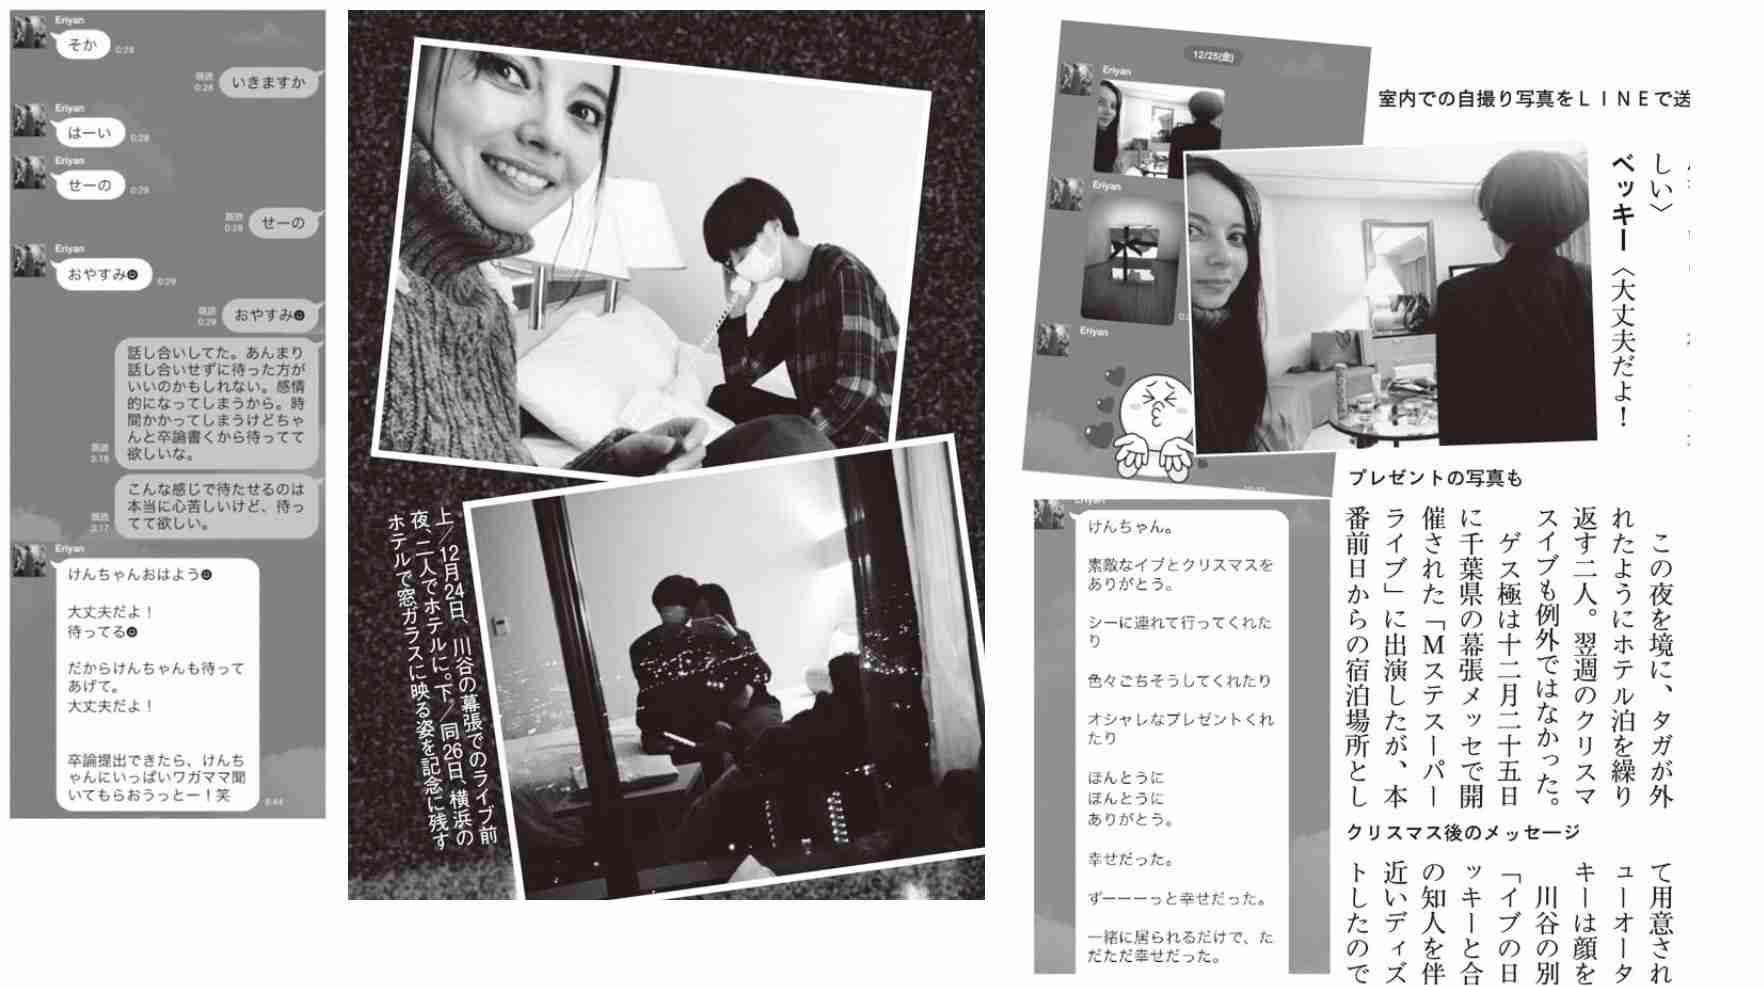 """ベッキー出演CMの打ち切り決定 """"不倫騒動""""の代償は大きく…"""